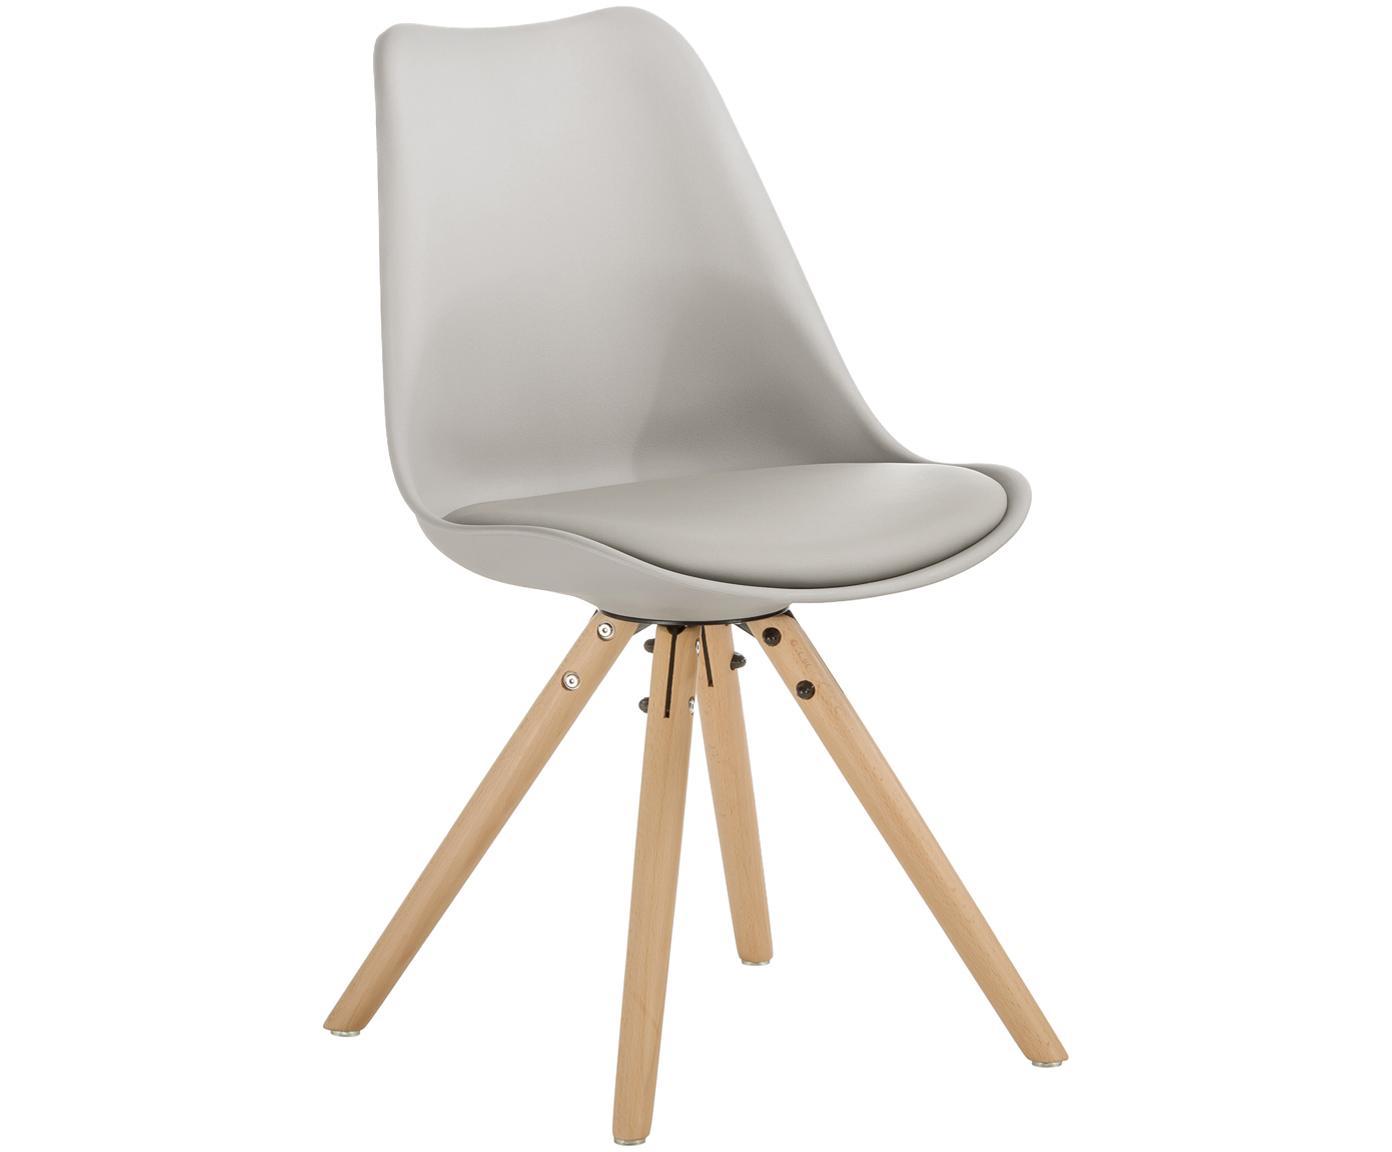 Sedia con seduta in similpelle Max 2 pz, Seduta: similpelle (poliuretano), Seduta: materiale sintetico, Gambe: legno di faggio, Seduta: grigio beige Gambe: legno di faggio, Larg. 46 x Prof. 54 cm